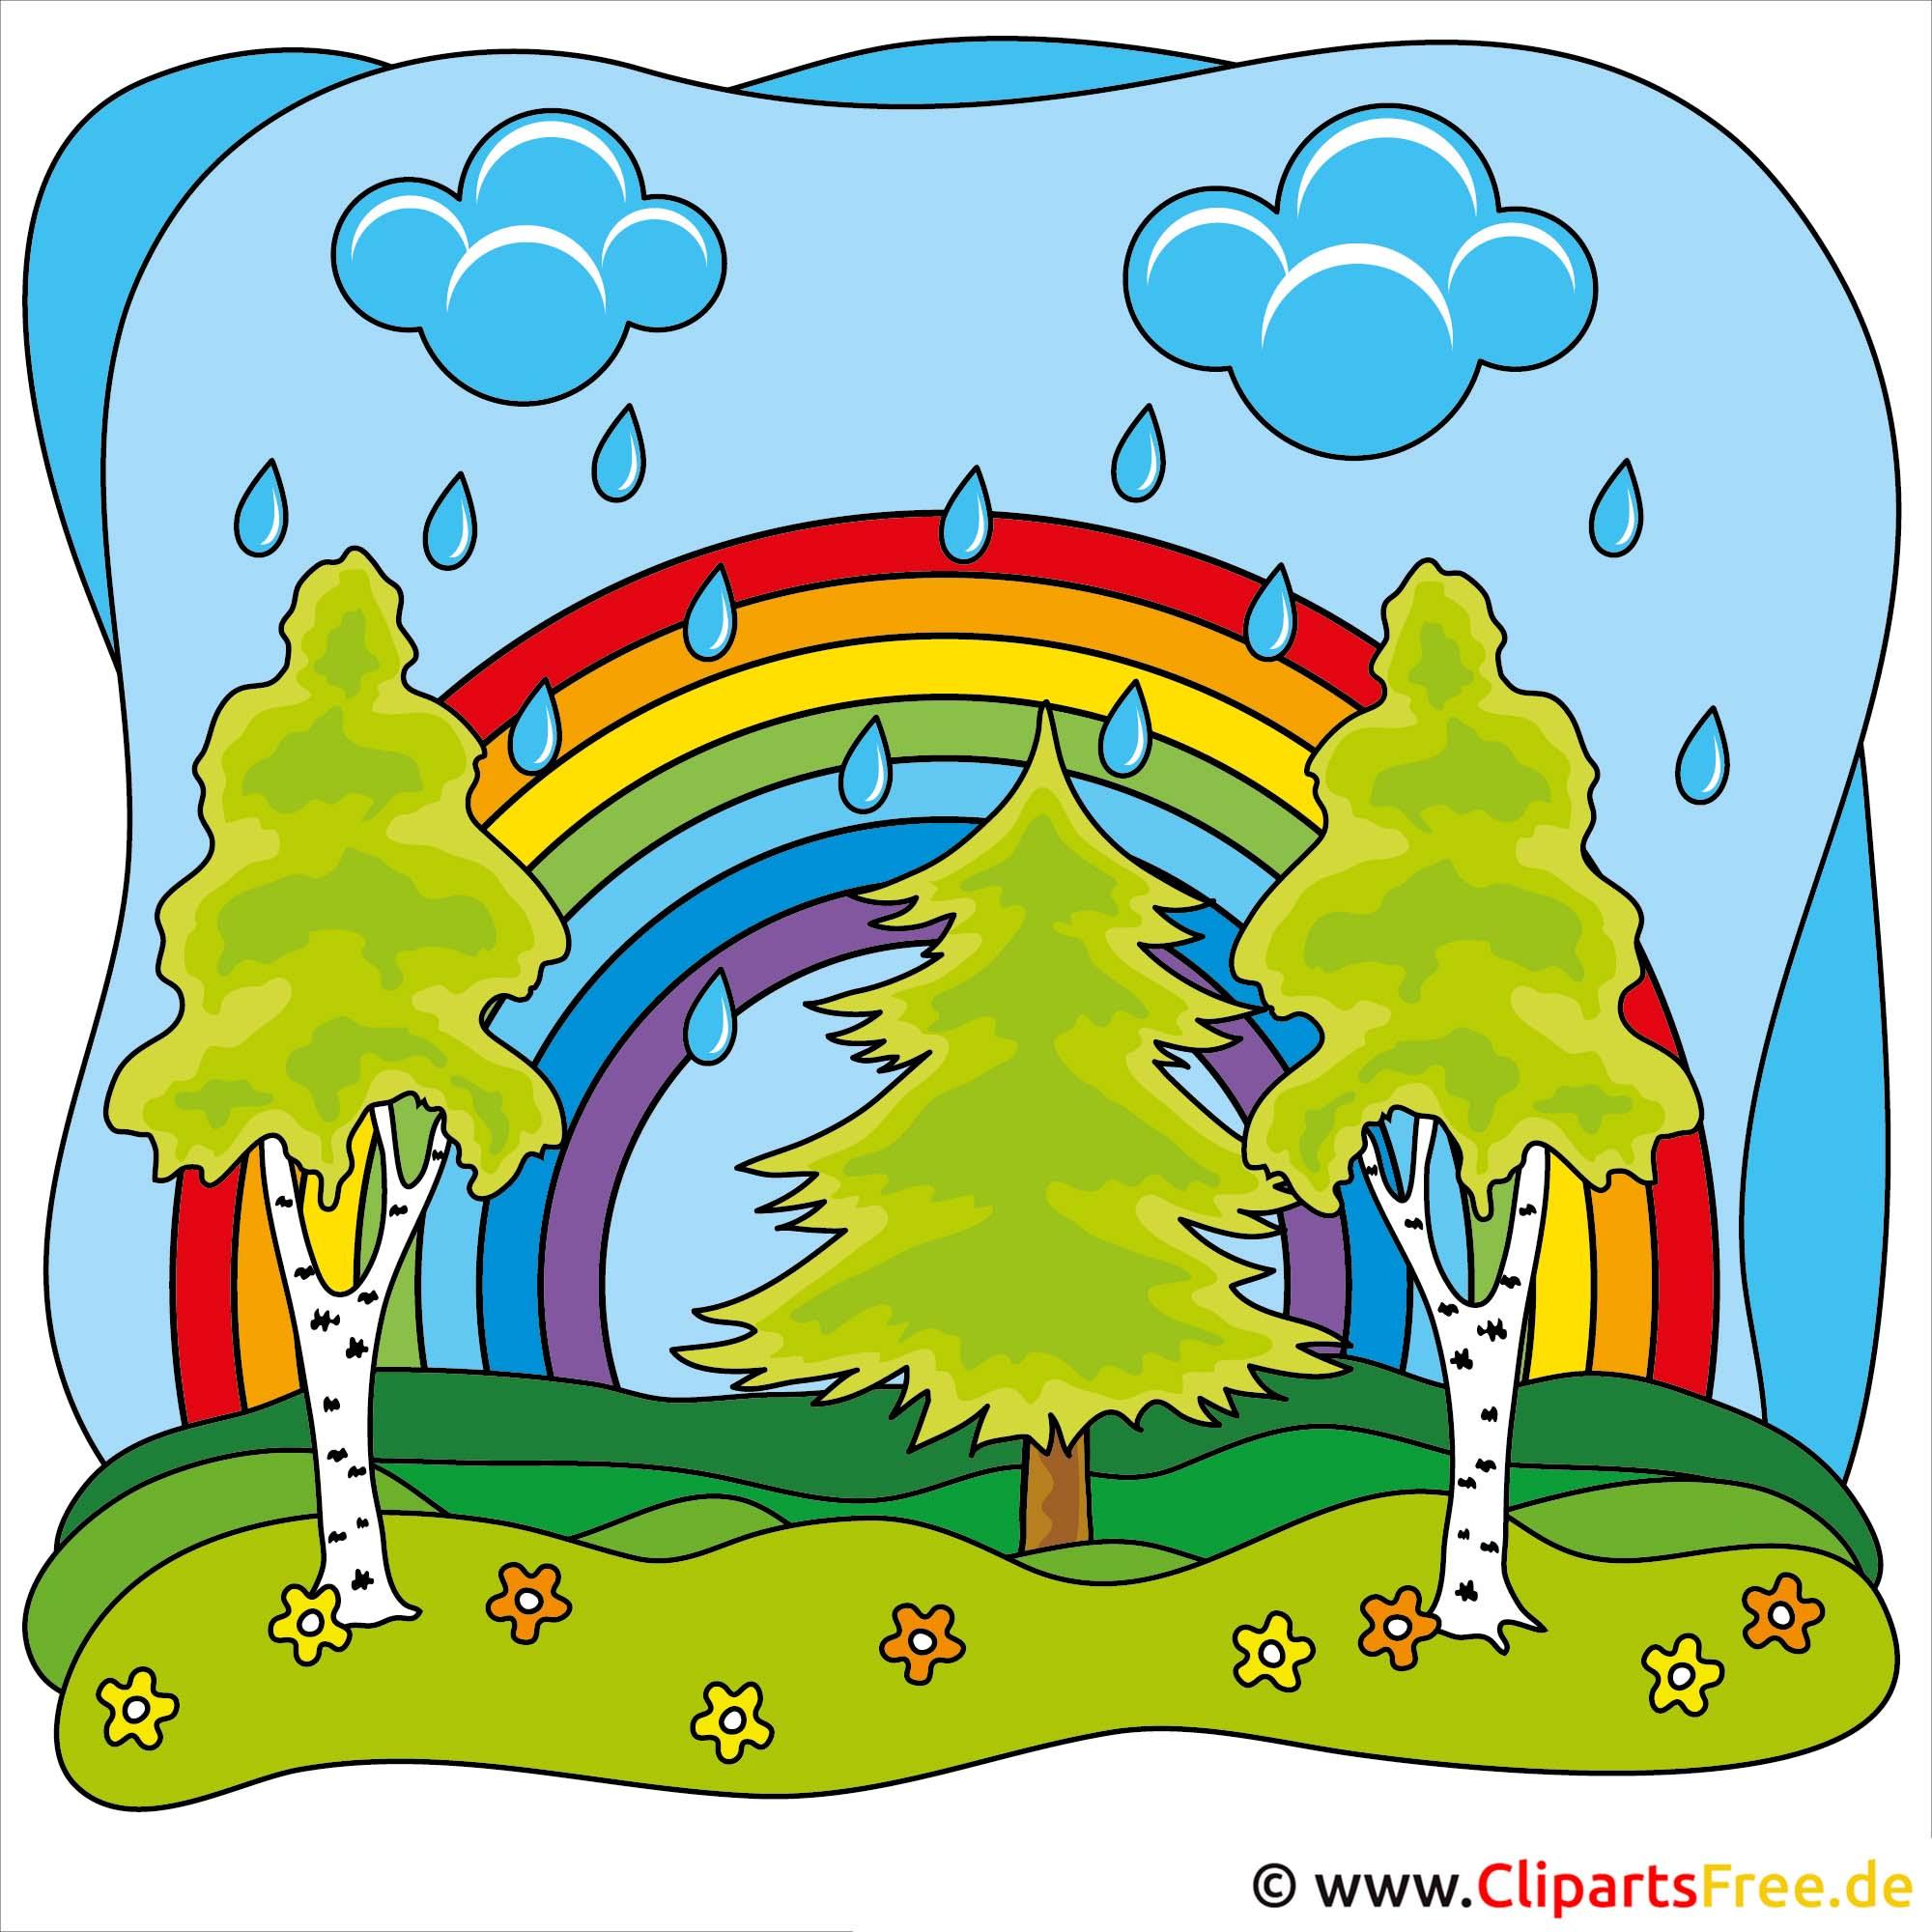 Sommer clip art free download for Clipart gratis download